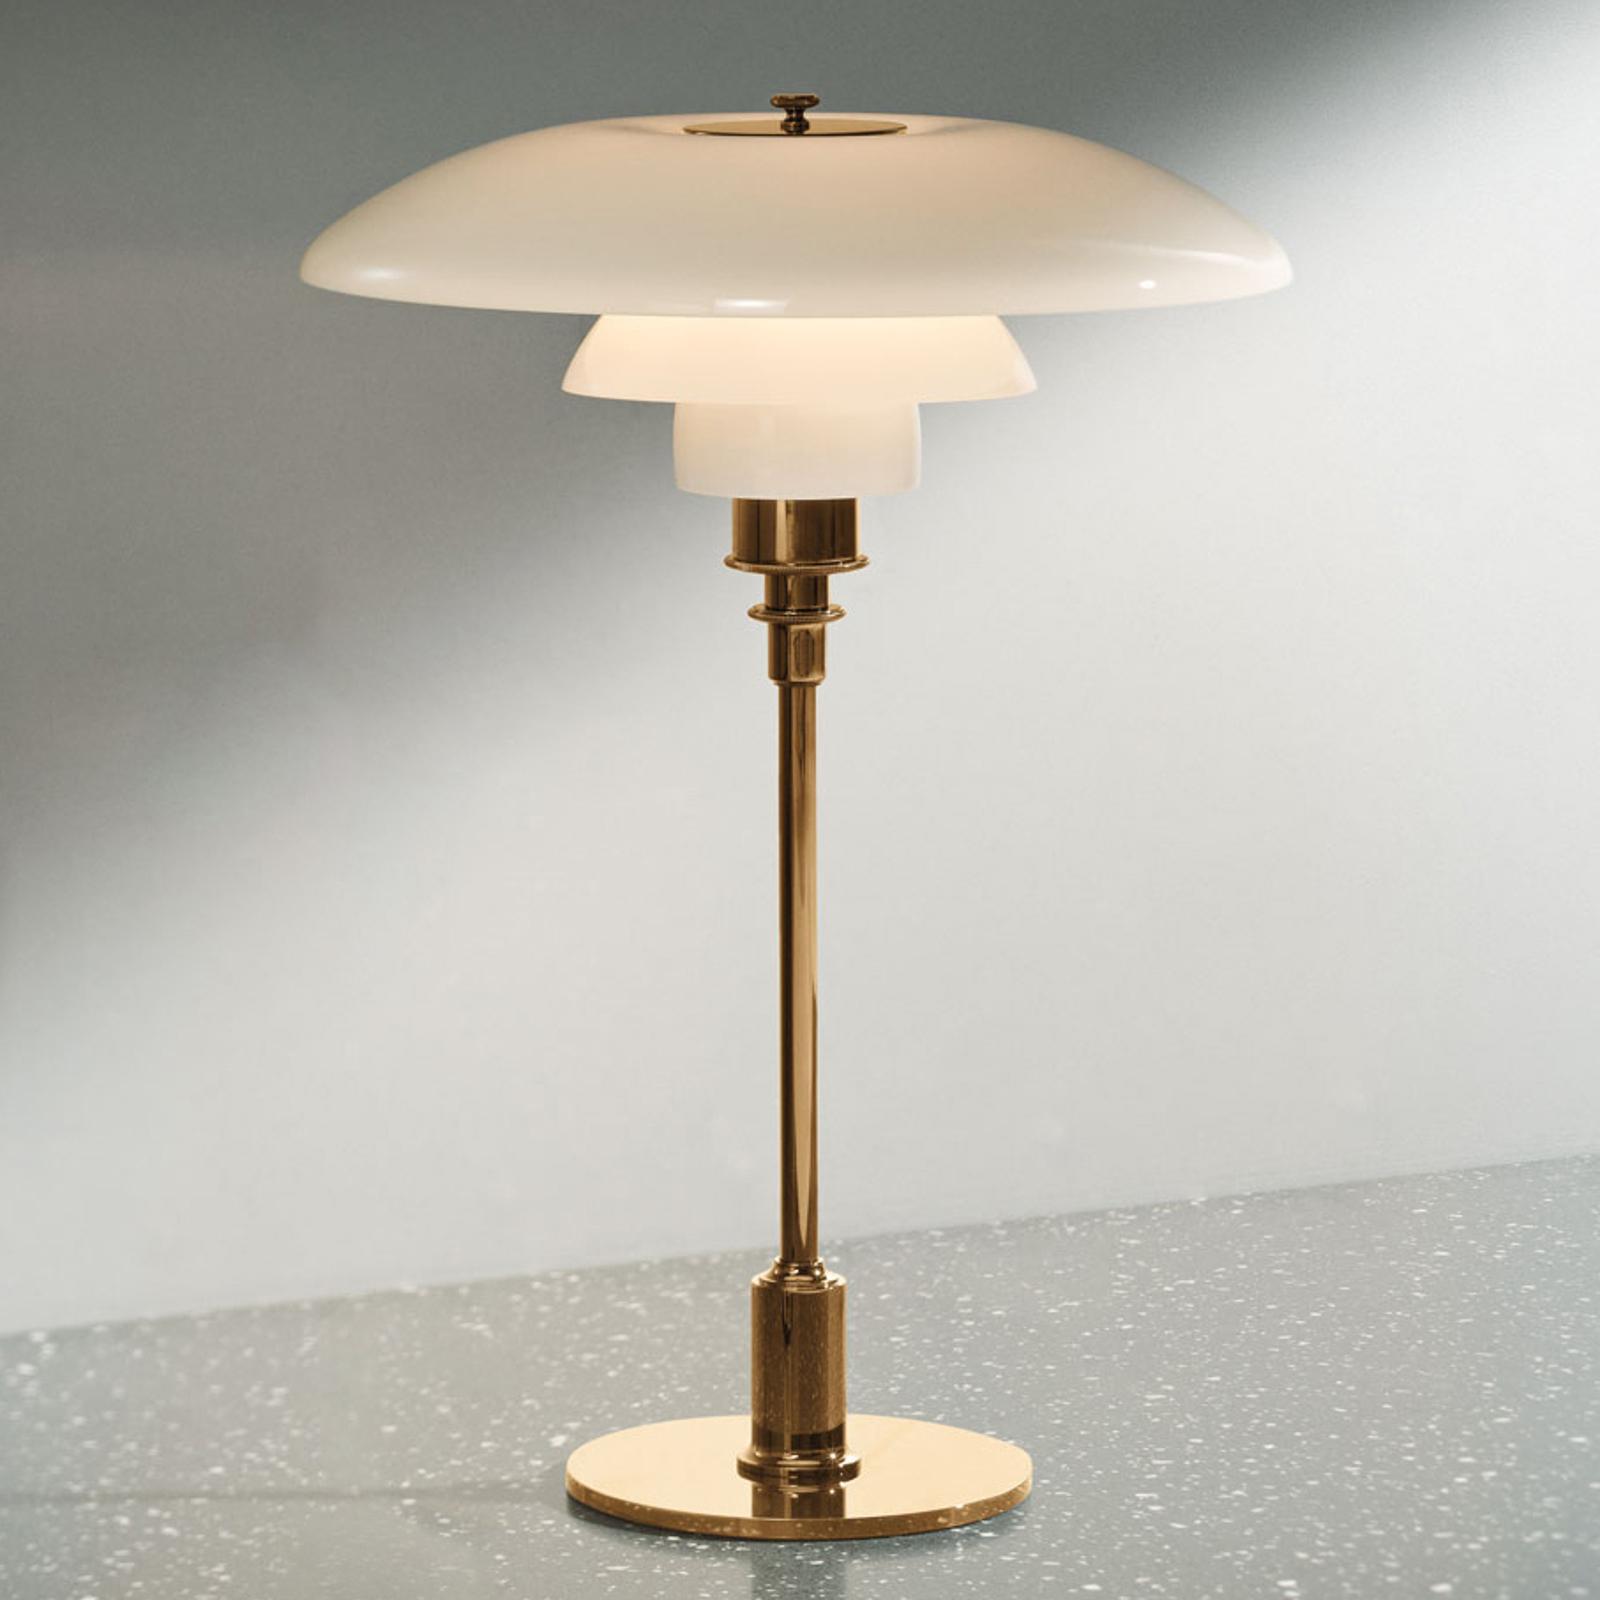 Louis Poulsen PH 3/2 Tischlampe Messing-weiß